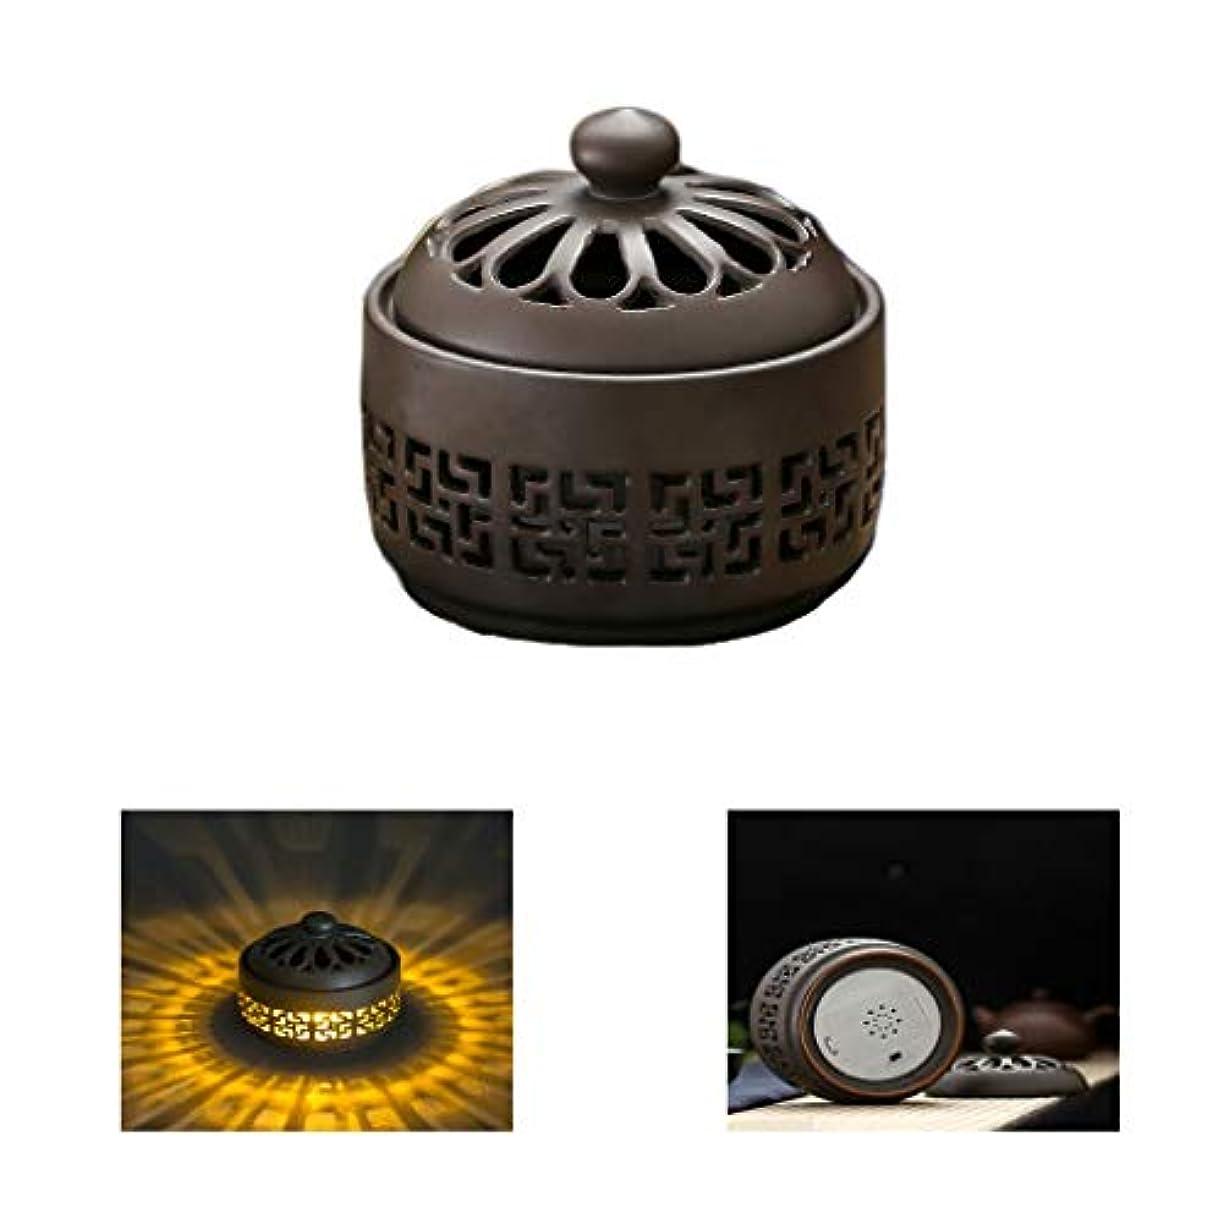 入場料蜜セージ芳香器?アロマバーナー LED暖かい光香バーナーレトロノスタルジックなセラミック香炉高温アロマセラピー炉 アロマバーナー (Color : Earth tones)